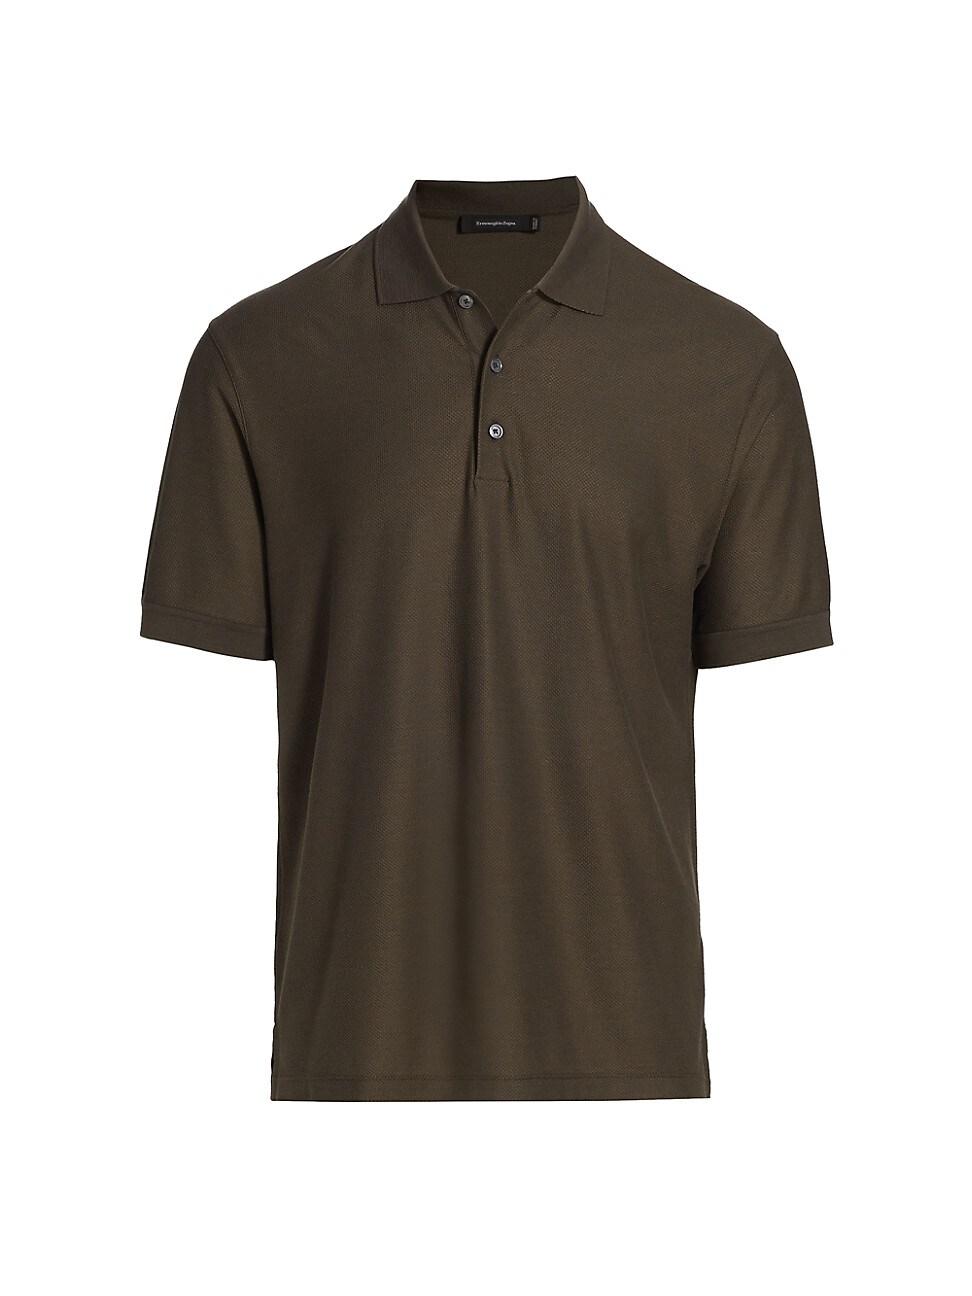 Ermenegildo Zegna Classic Cotton & Silk Polo In Dark Green Solid